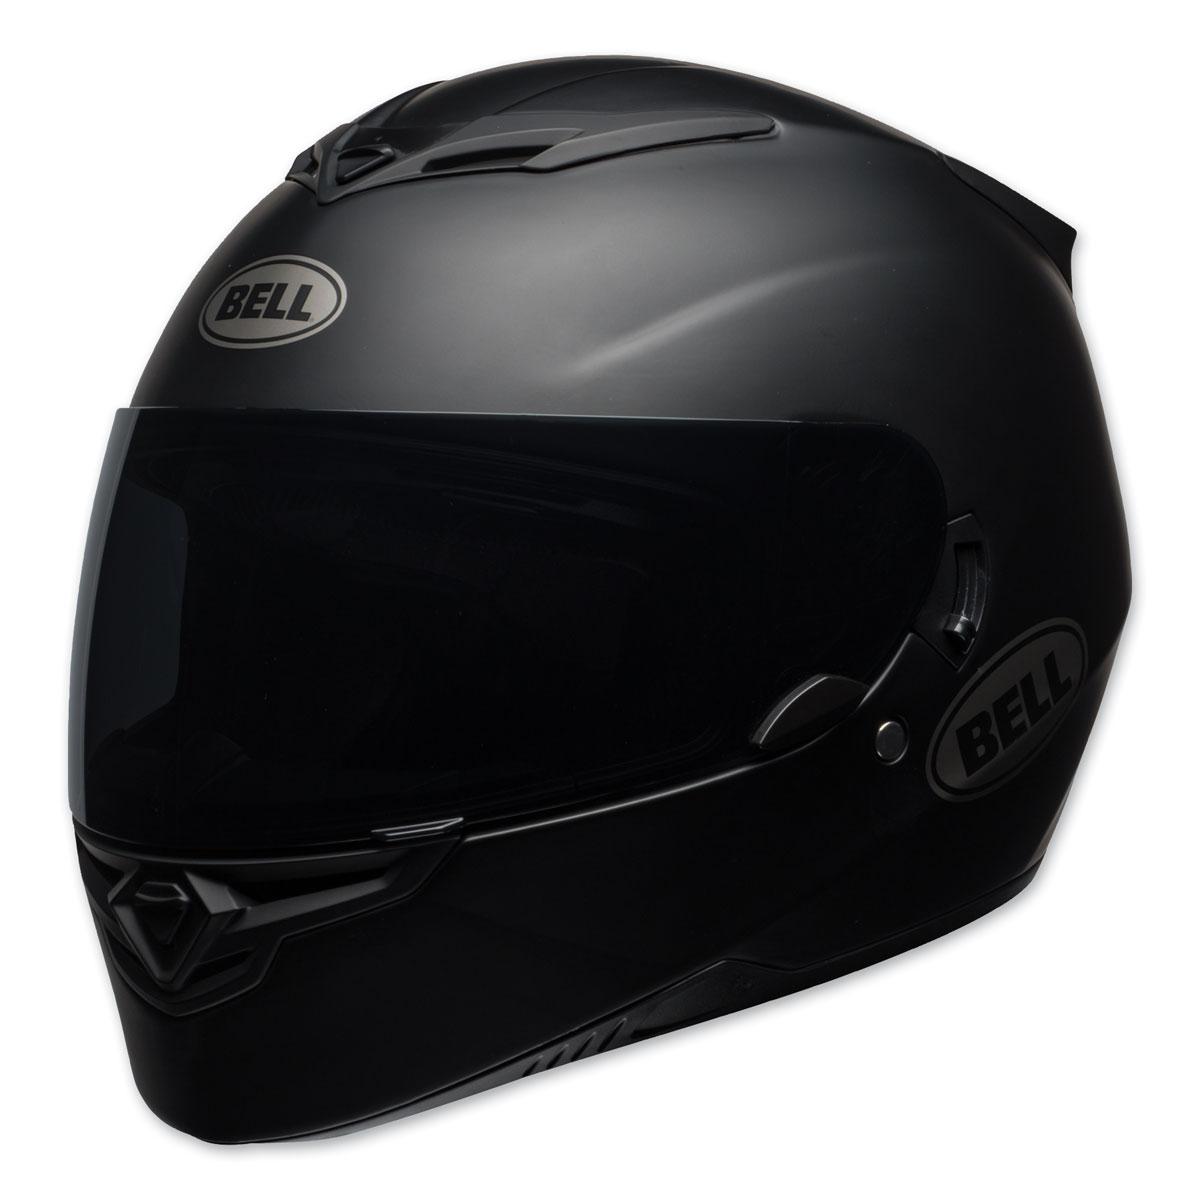 Bell RS-2 Matte Black Full Face Helmet